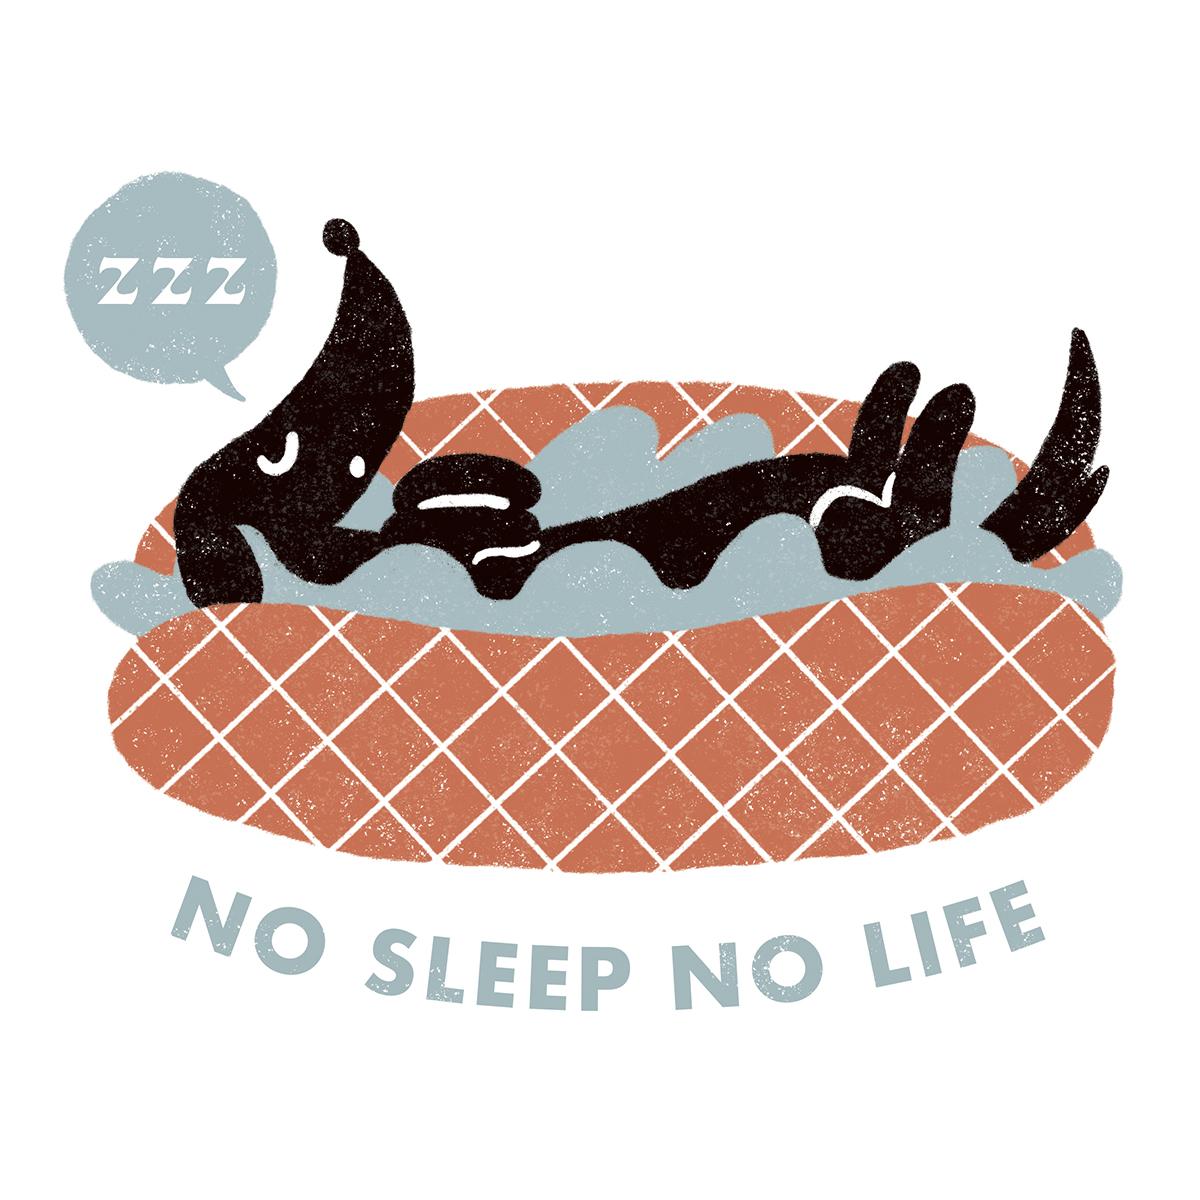 ホットドッグで寝ているダックスフンドのイラスト